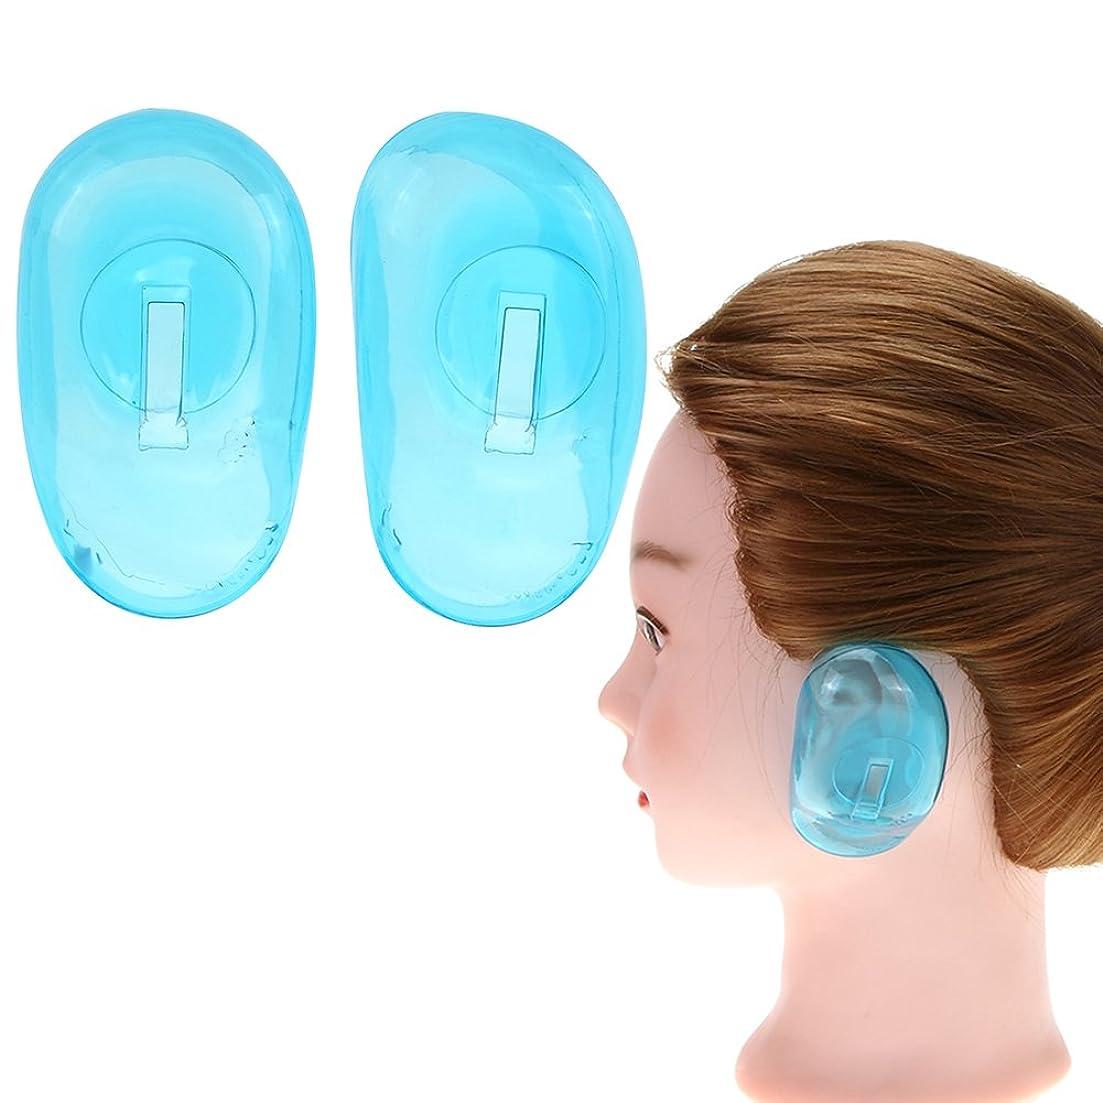 延期するフィッティング曲げるRuier-tong 1ペア耳カバー 毛染め用 シリコン製 耳キャップ 柔らかいイヤーキャップ ヘアカラー シャワー 耳保護 ヘアケアツール サロン 洗える 繰り返す使用可能 エコ 8.5x5cm